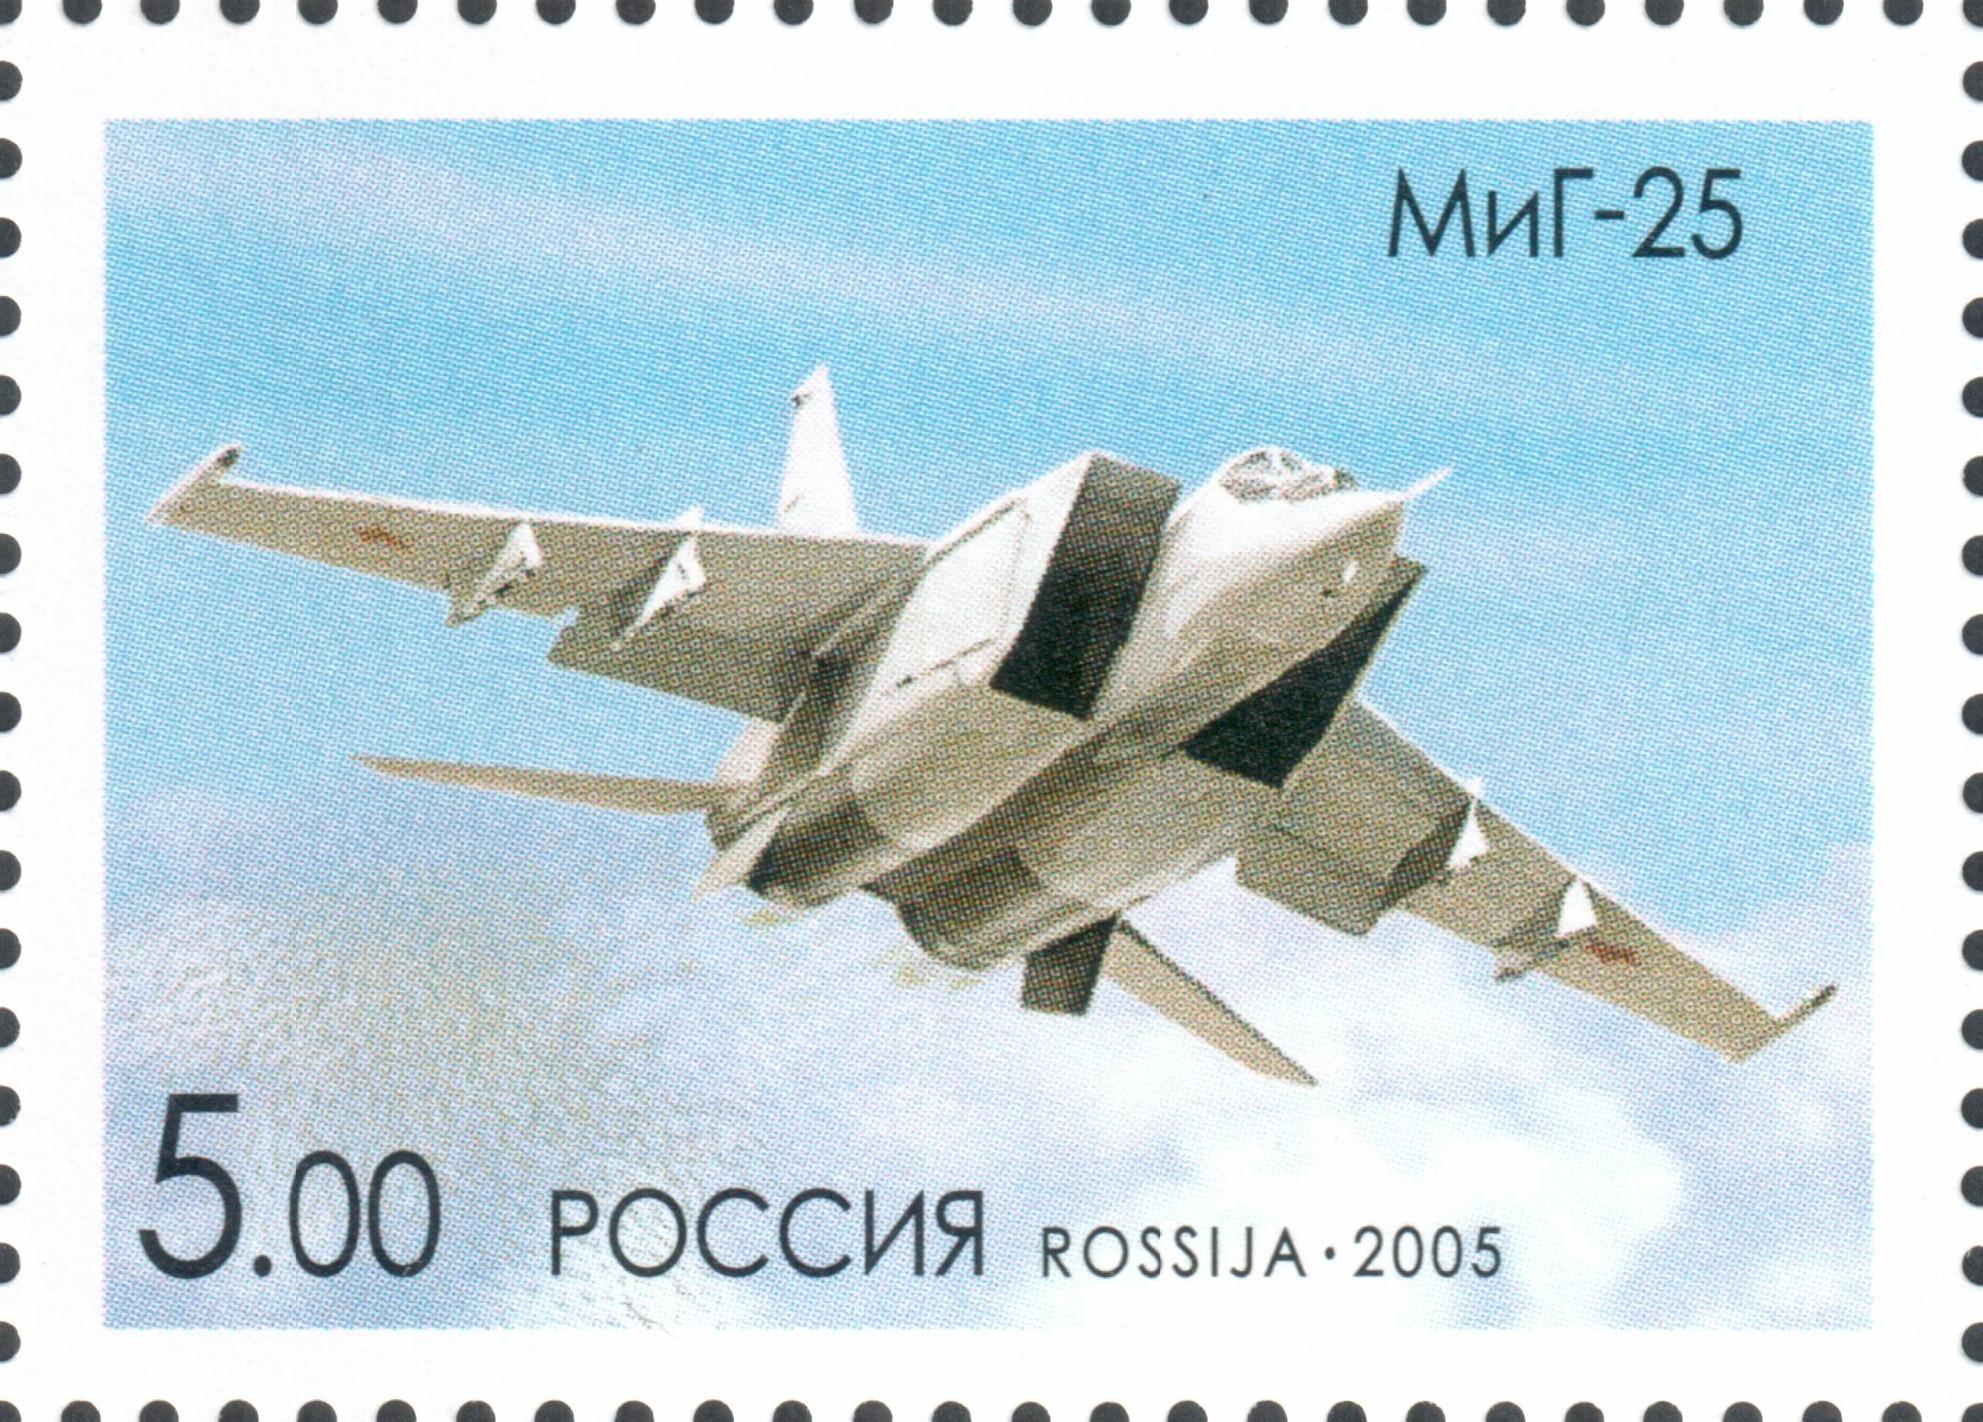 МиГ-25 — советский сверхзвуковой высотный истребитель-перехватчик 3-го поколения